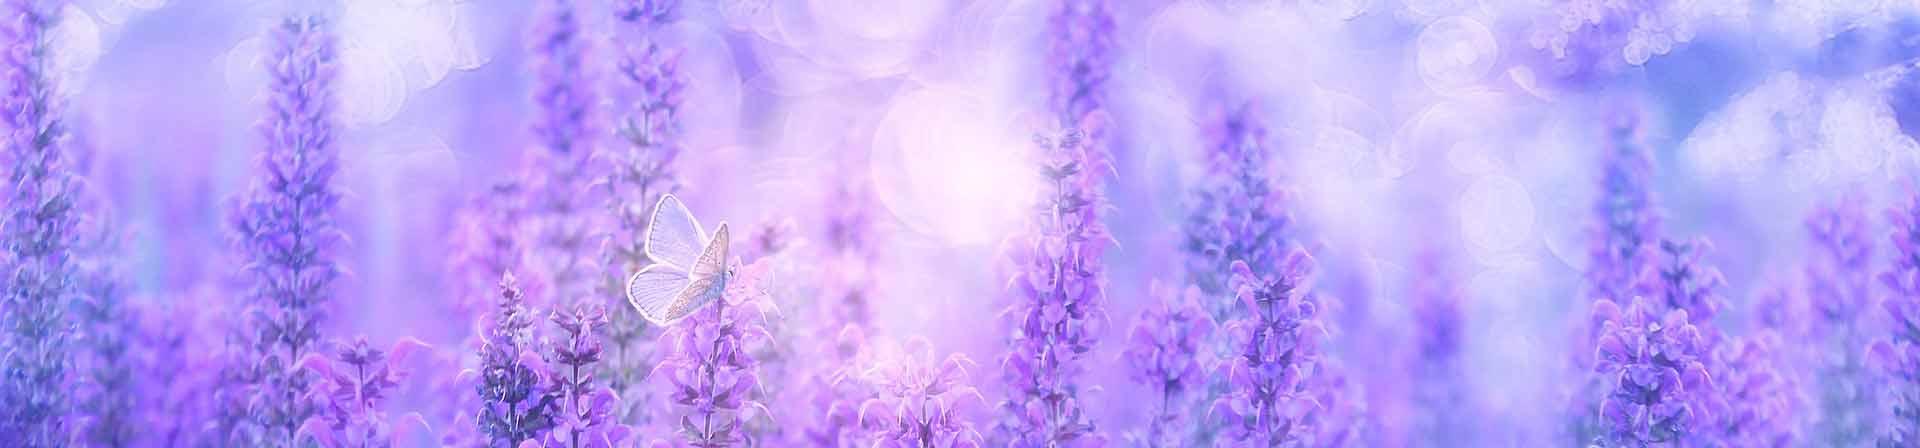 violet-3054851_1920x448